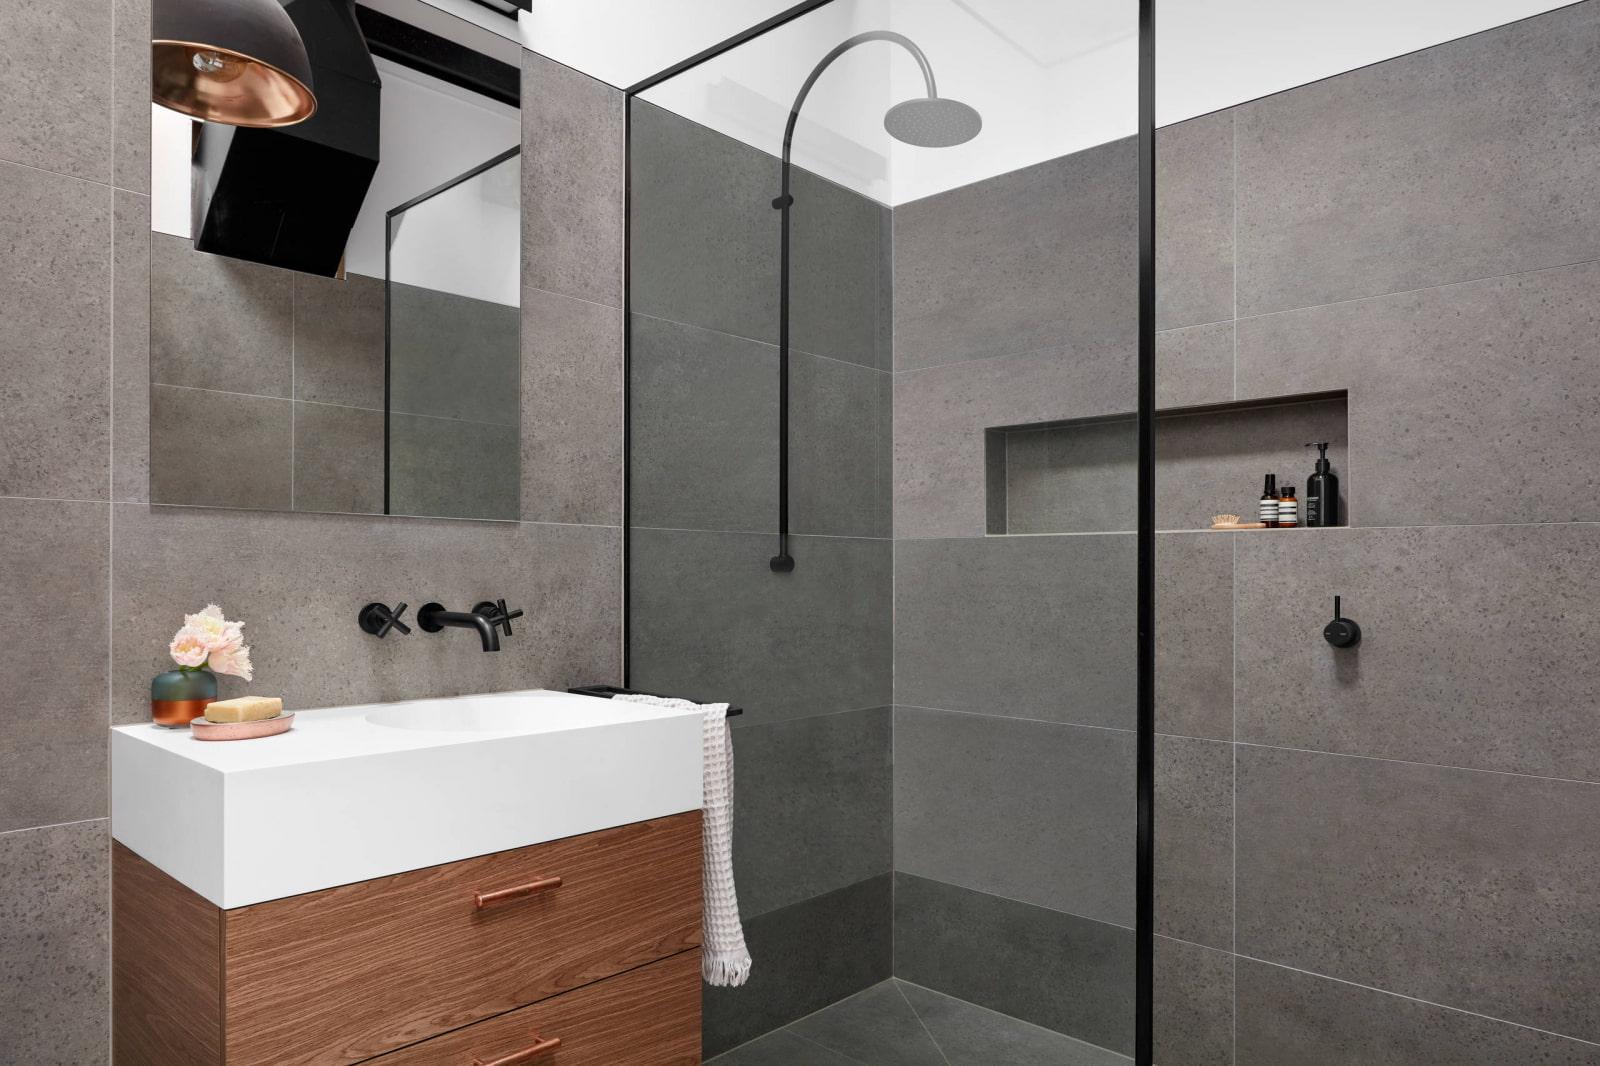 полки в ванной комнате в стене